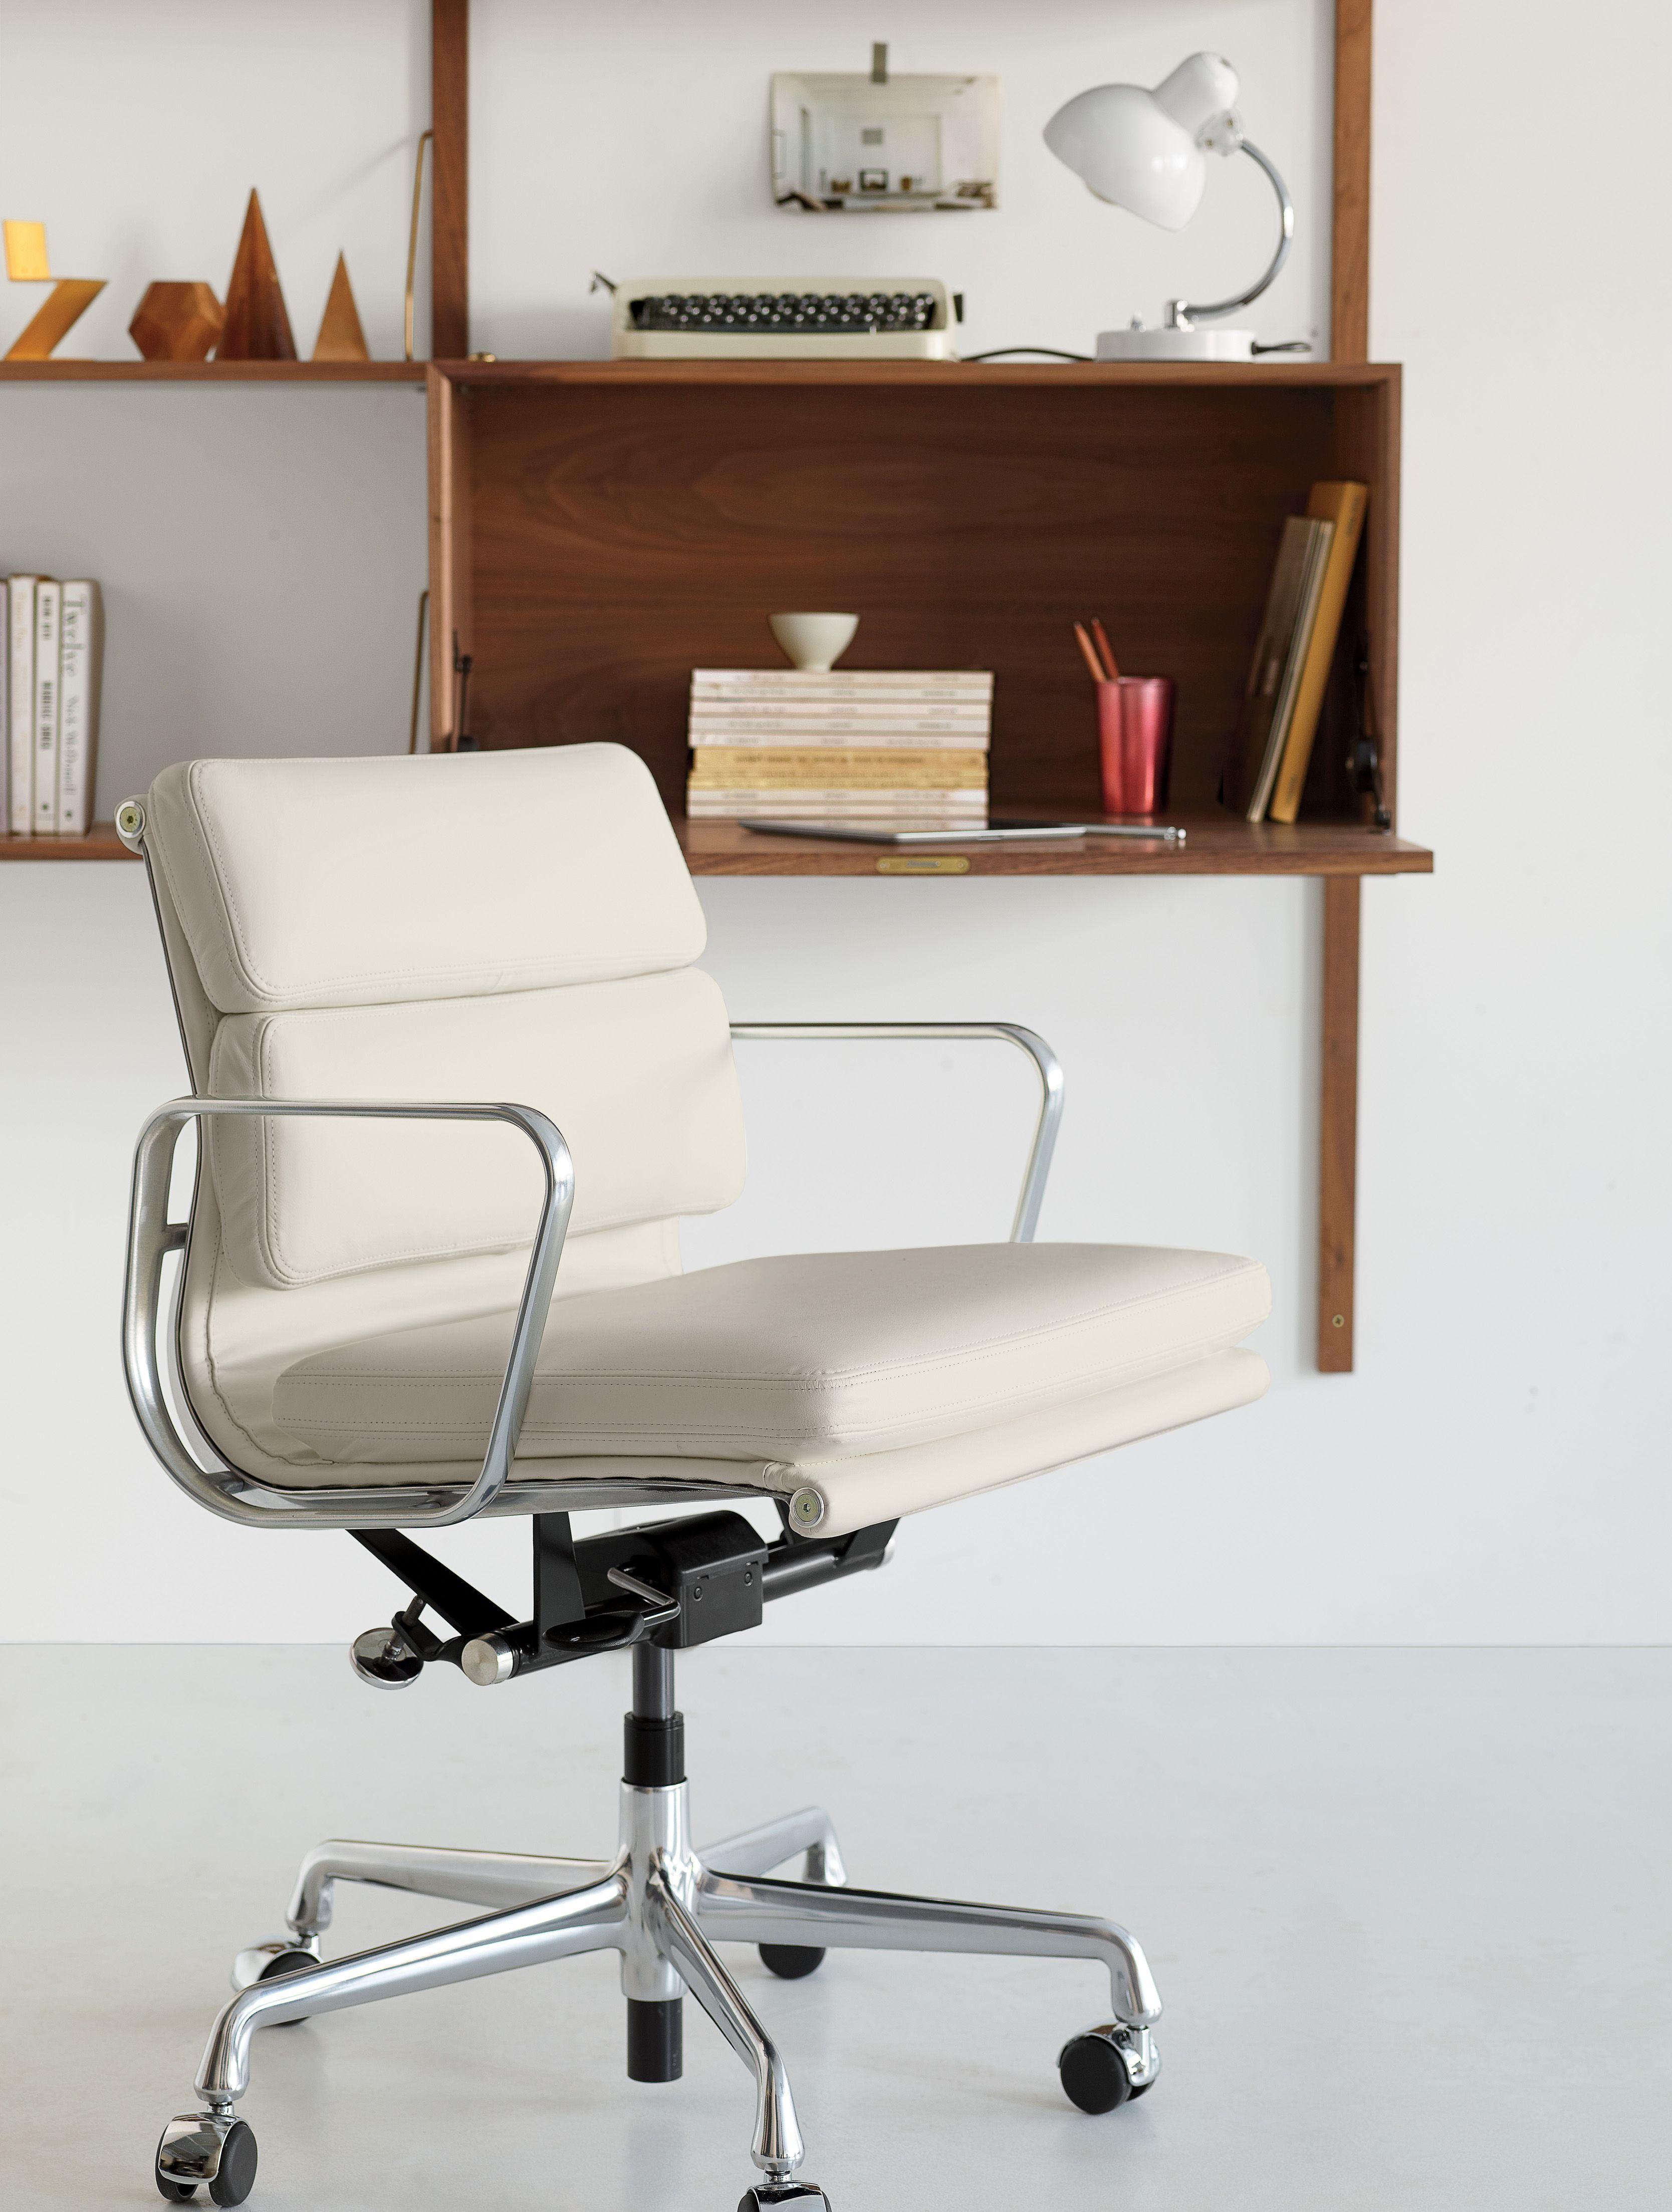 replica eames group standard aluminium chair cf. The Authentic Eames Aluminum Group Task Chair. On Job For 56 Years. Replica Standard Aluminium Chair Cf N